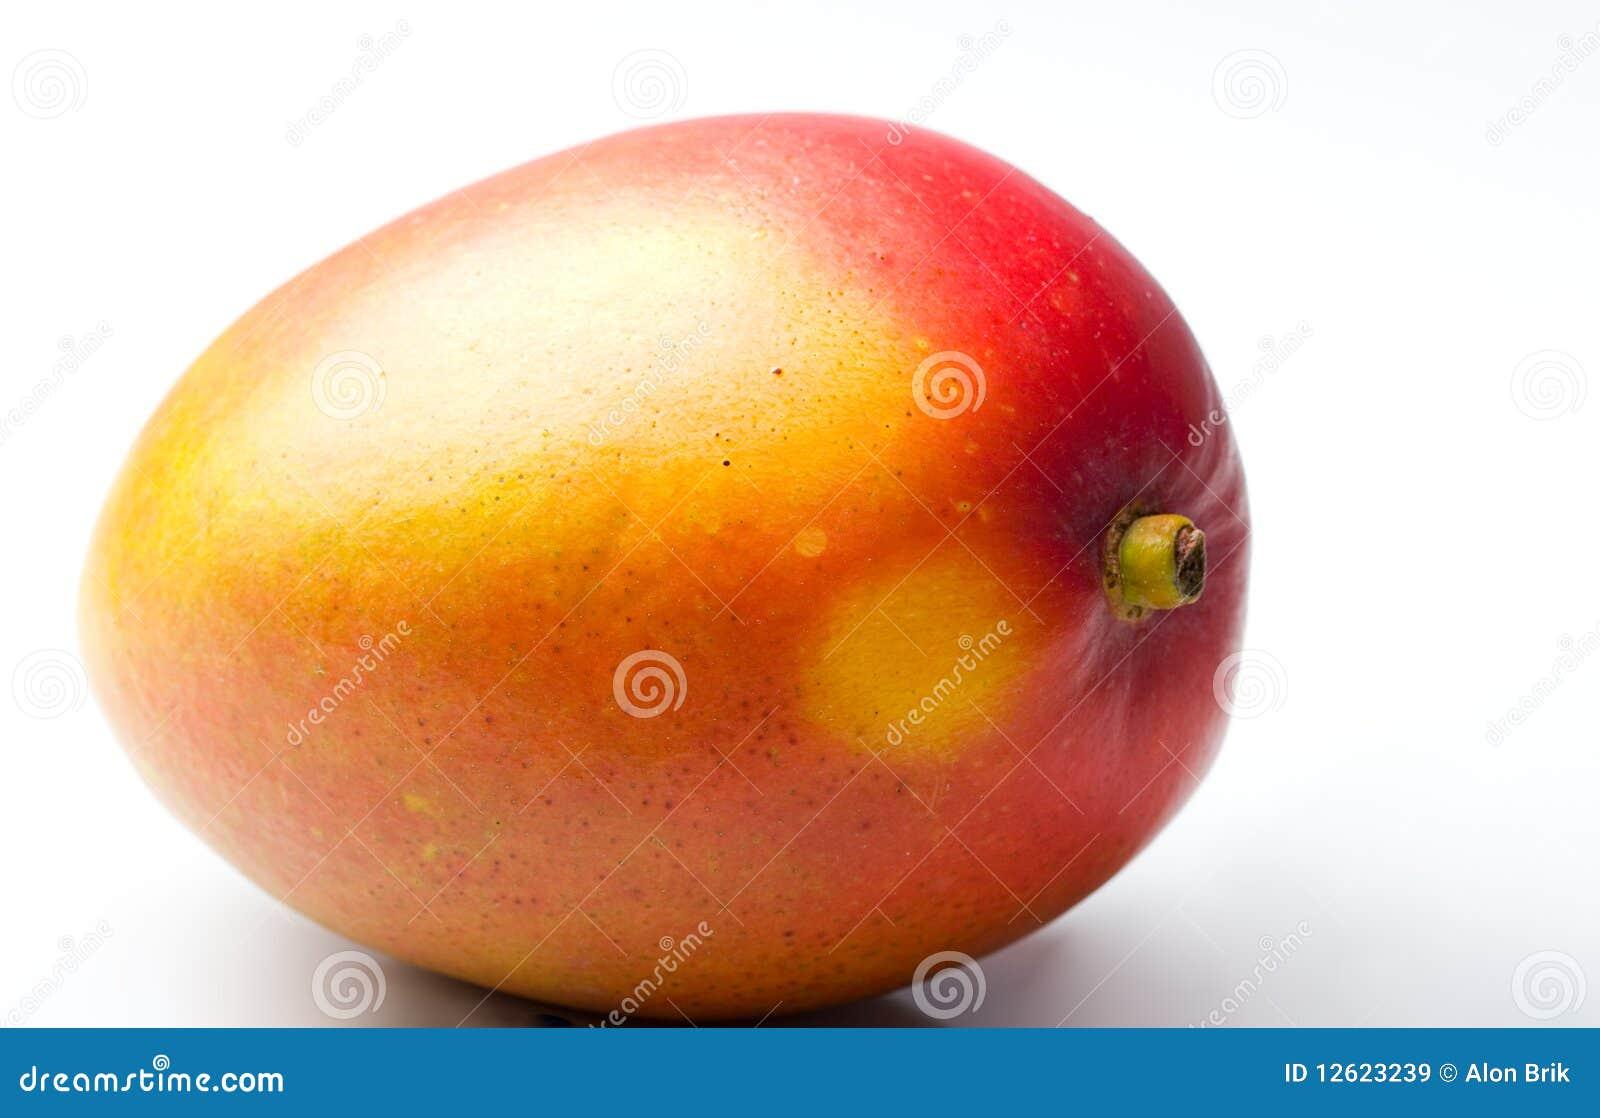 single mango fresh juicy ripe tropical fruit stock image